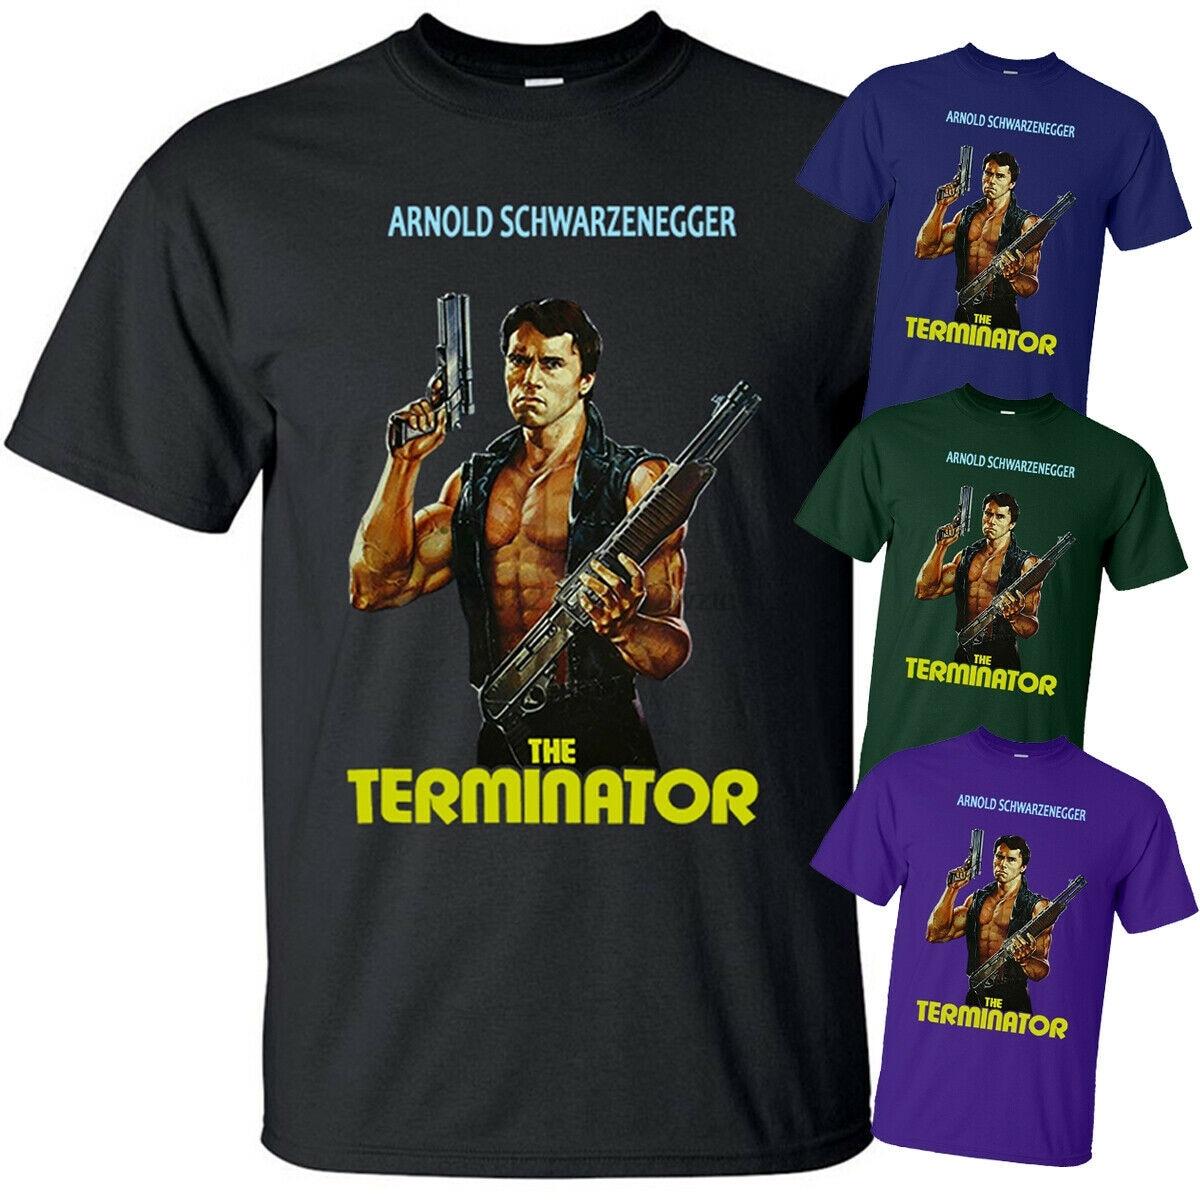 Die Terminator V3 J.Cameron film poster 1984 T-Shirt (SCHWARZ) Alle größen S-5XL